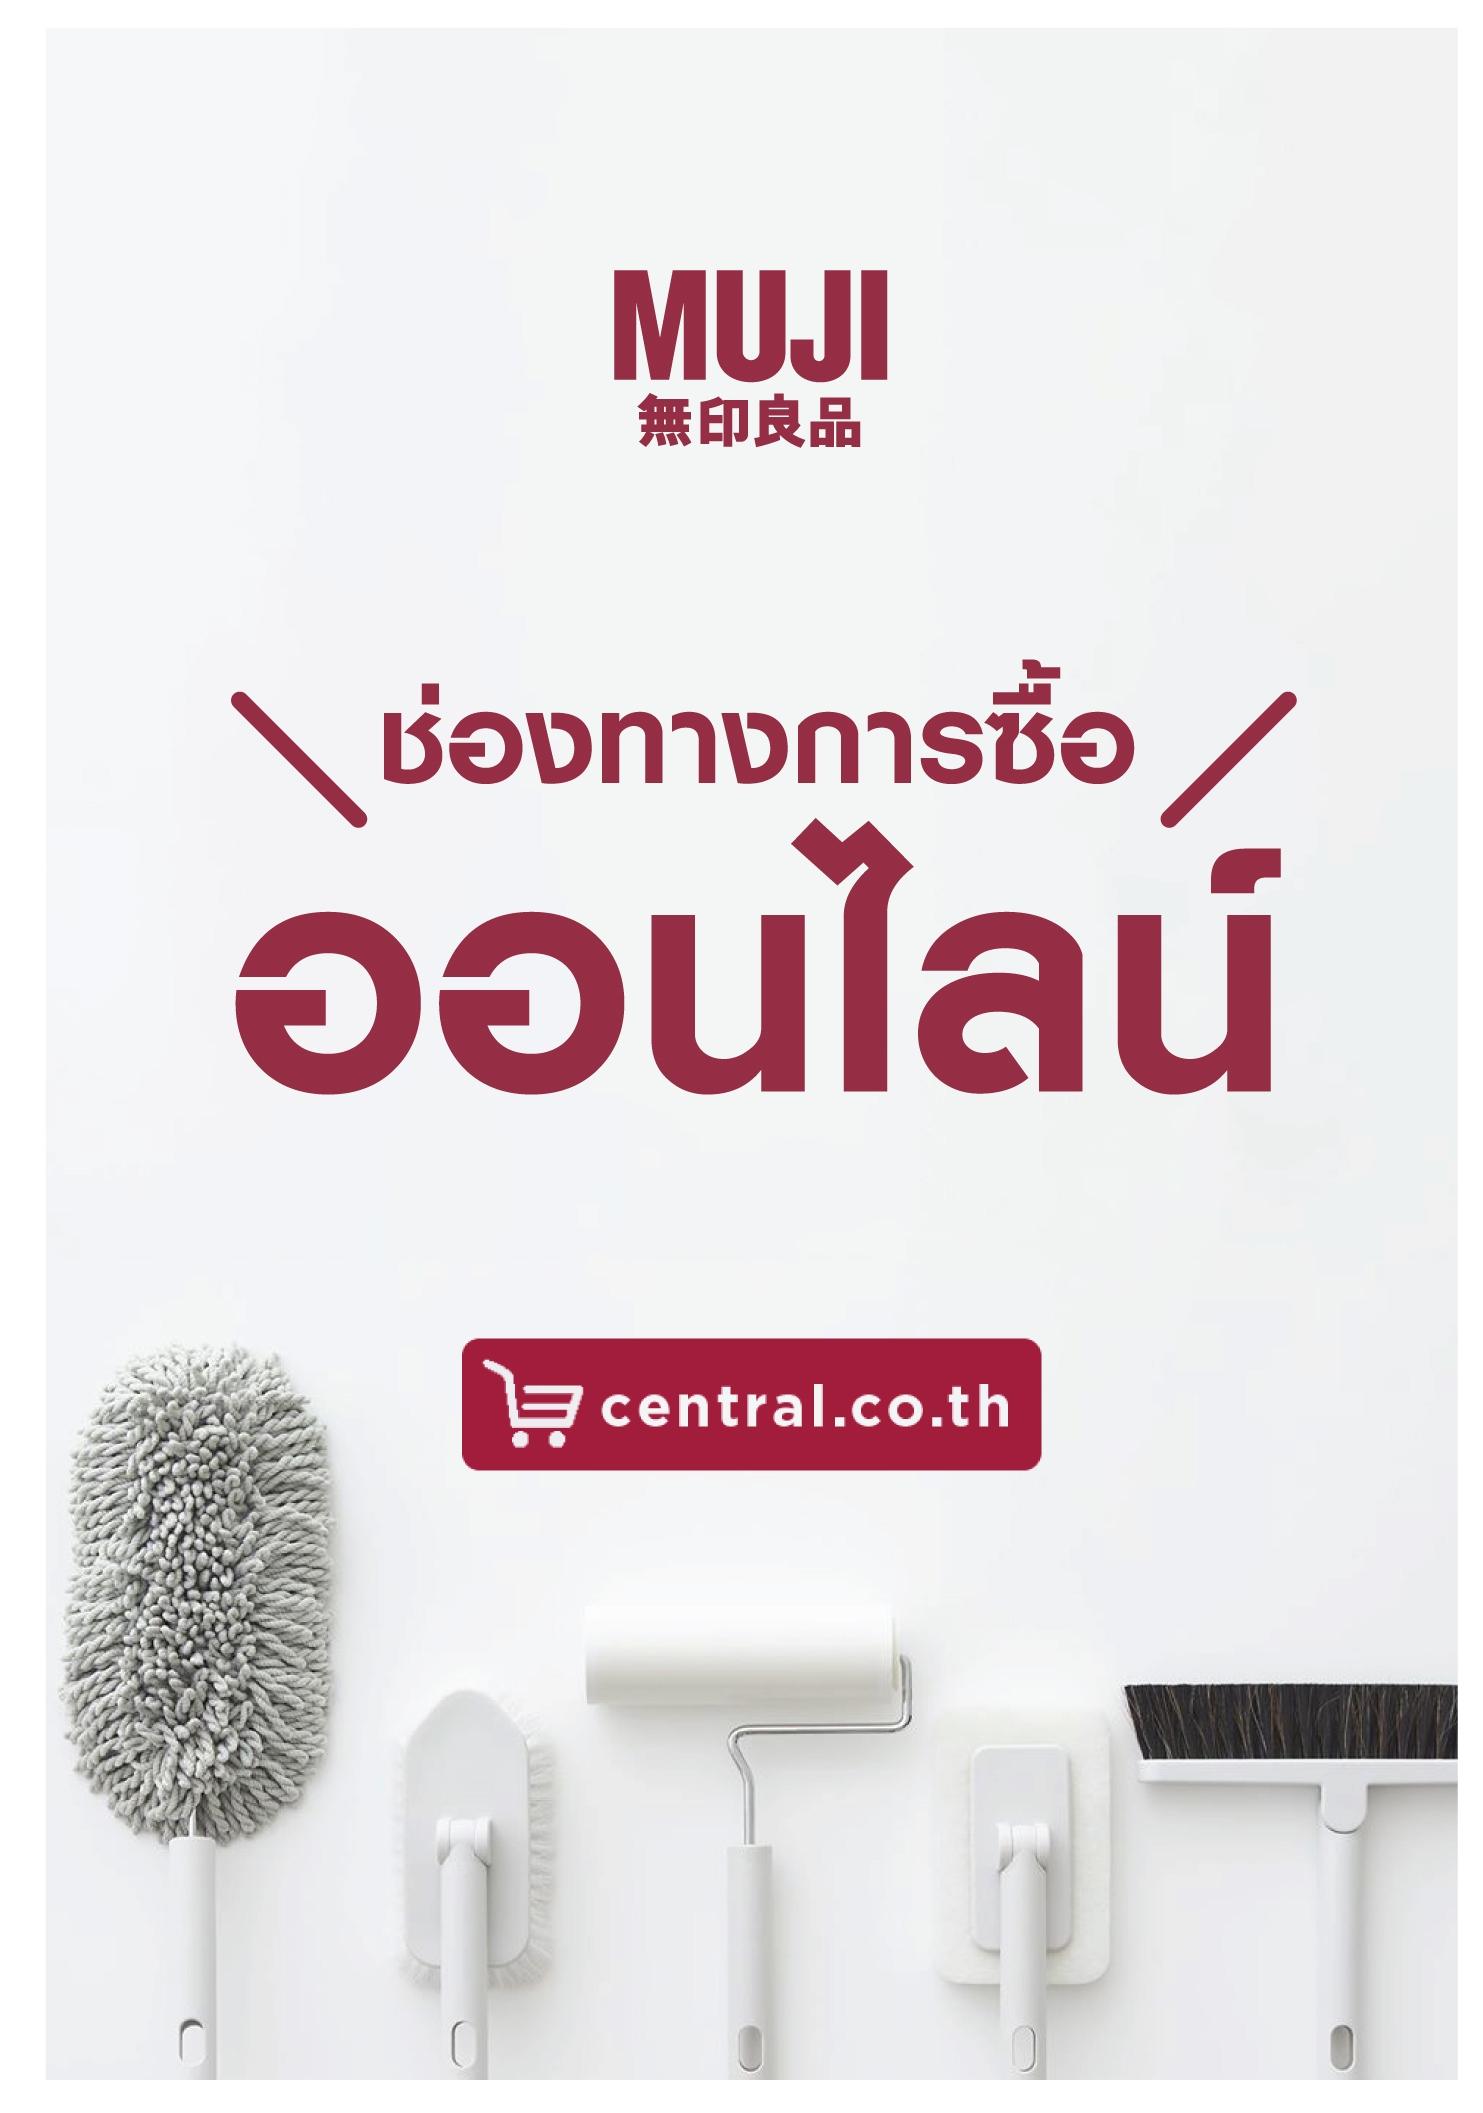 """""""มูจิ"""" เอาใจคนชอบช้อปออนไลน์ ตอบโจทย์ทุกไลฟ์สไตล์ เปิดขายผ่าน www.central.co.th  เริ่ม 1 ก.ย.นี้"""